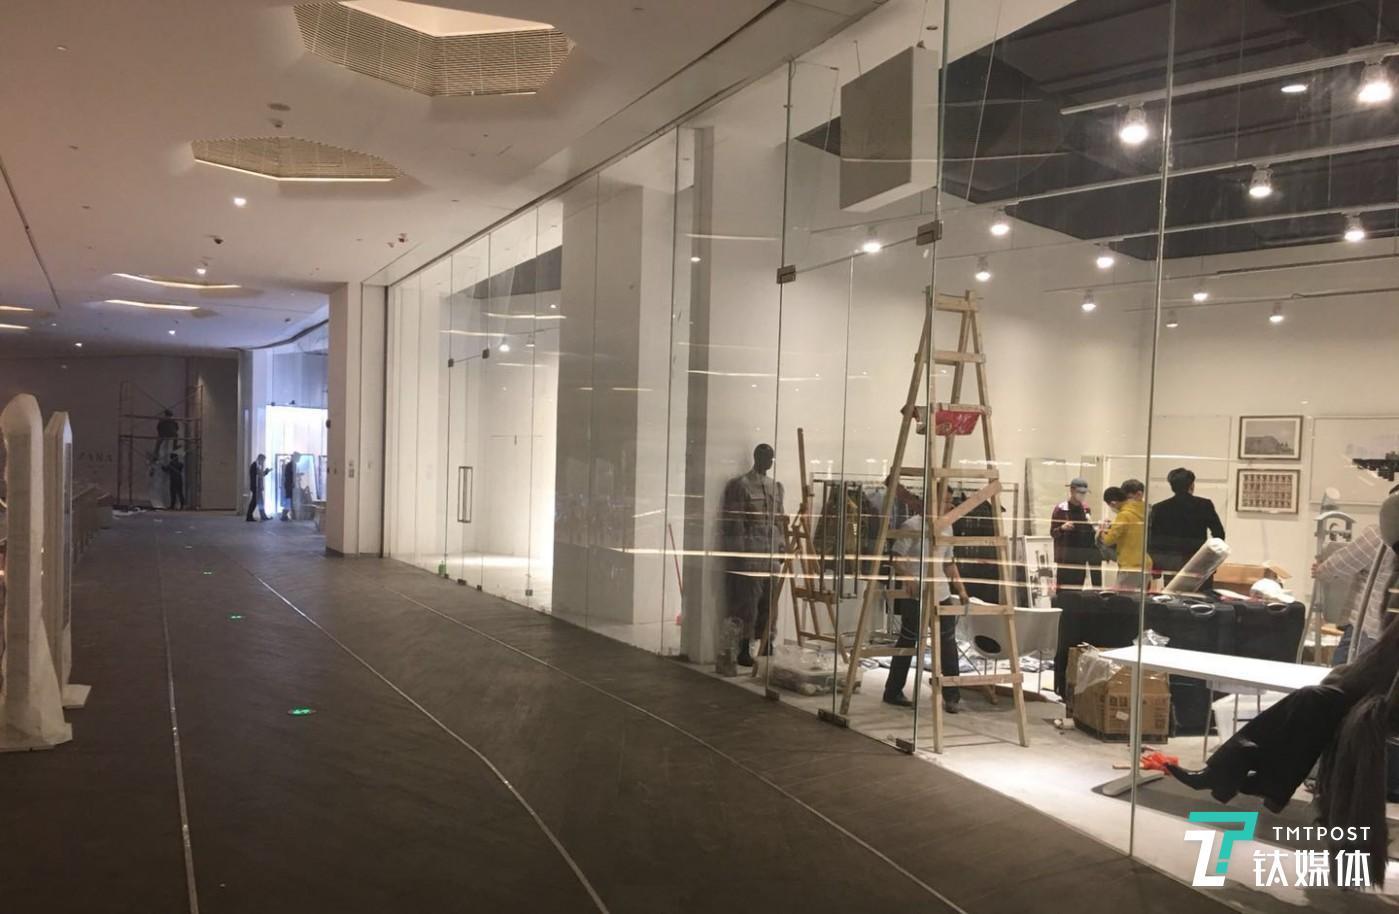 MUJI HOTEL 正式开幕的前一天,隔壁的深业上城商业综合体内也在加紧布置场地,以配合 MUJI HOTEL 在同日开业。